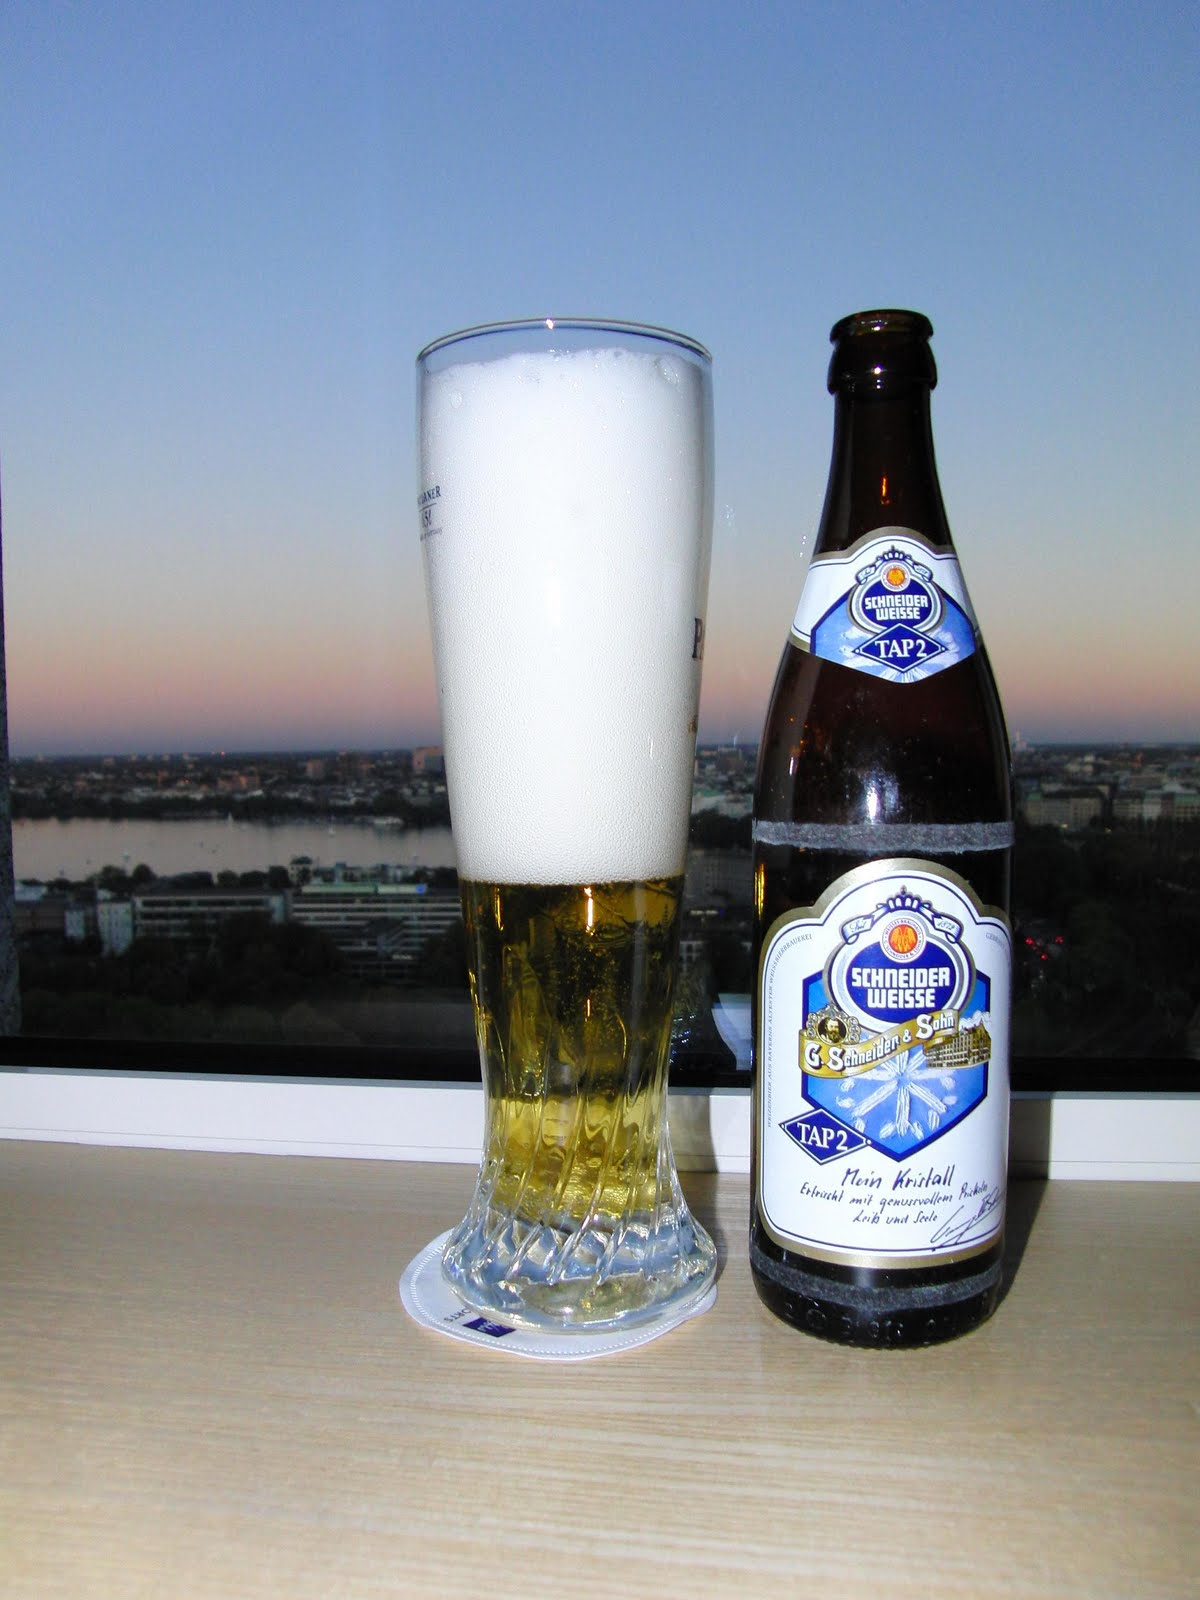 billigaste ölen i tyskland